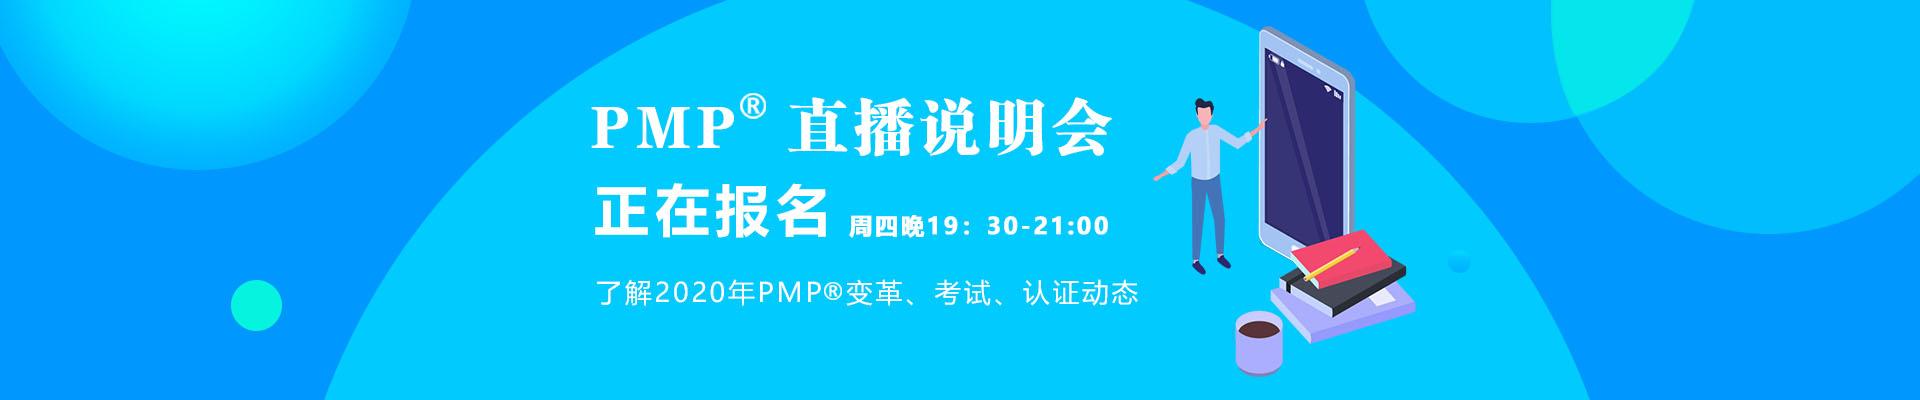 易佳咨询PMP云课堂直播,在家就能跟名师学习的神器!